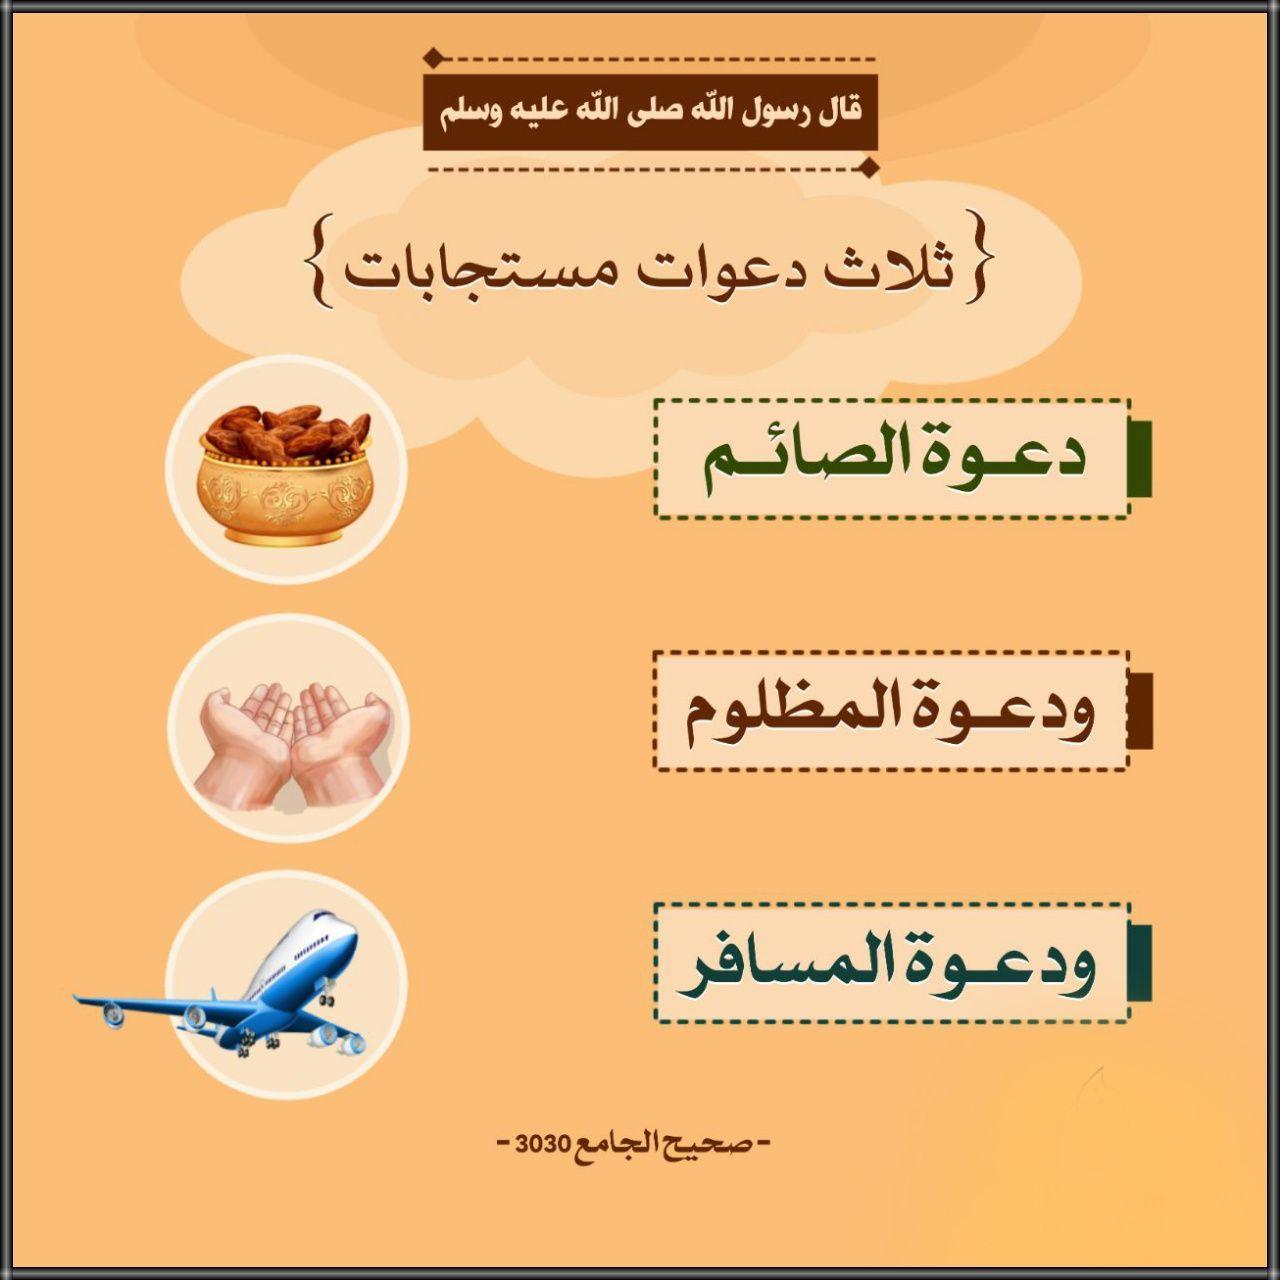 Pin By الأثر الجميل On أحاديث نبوية Ahadith Islam Hadith Islam